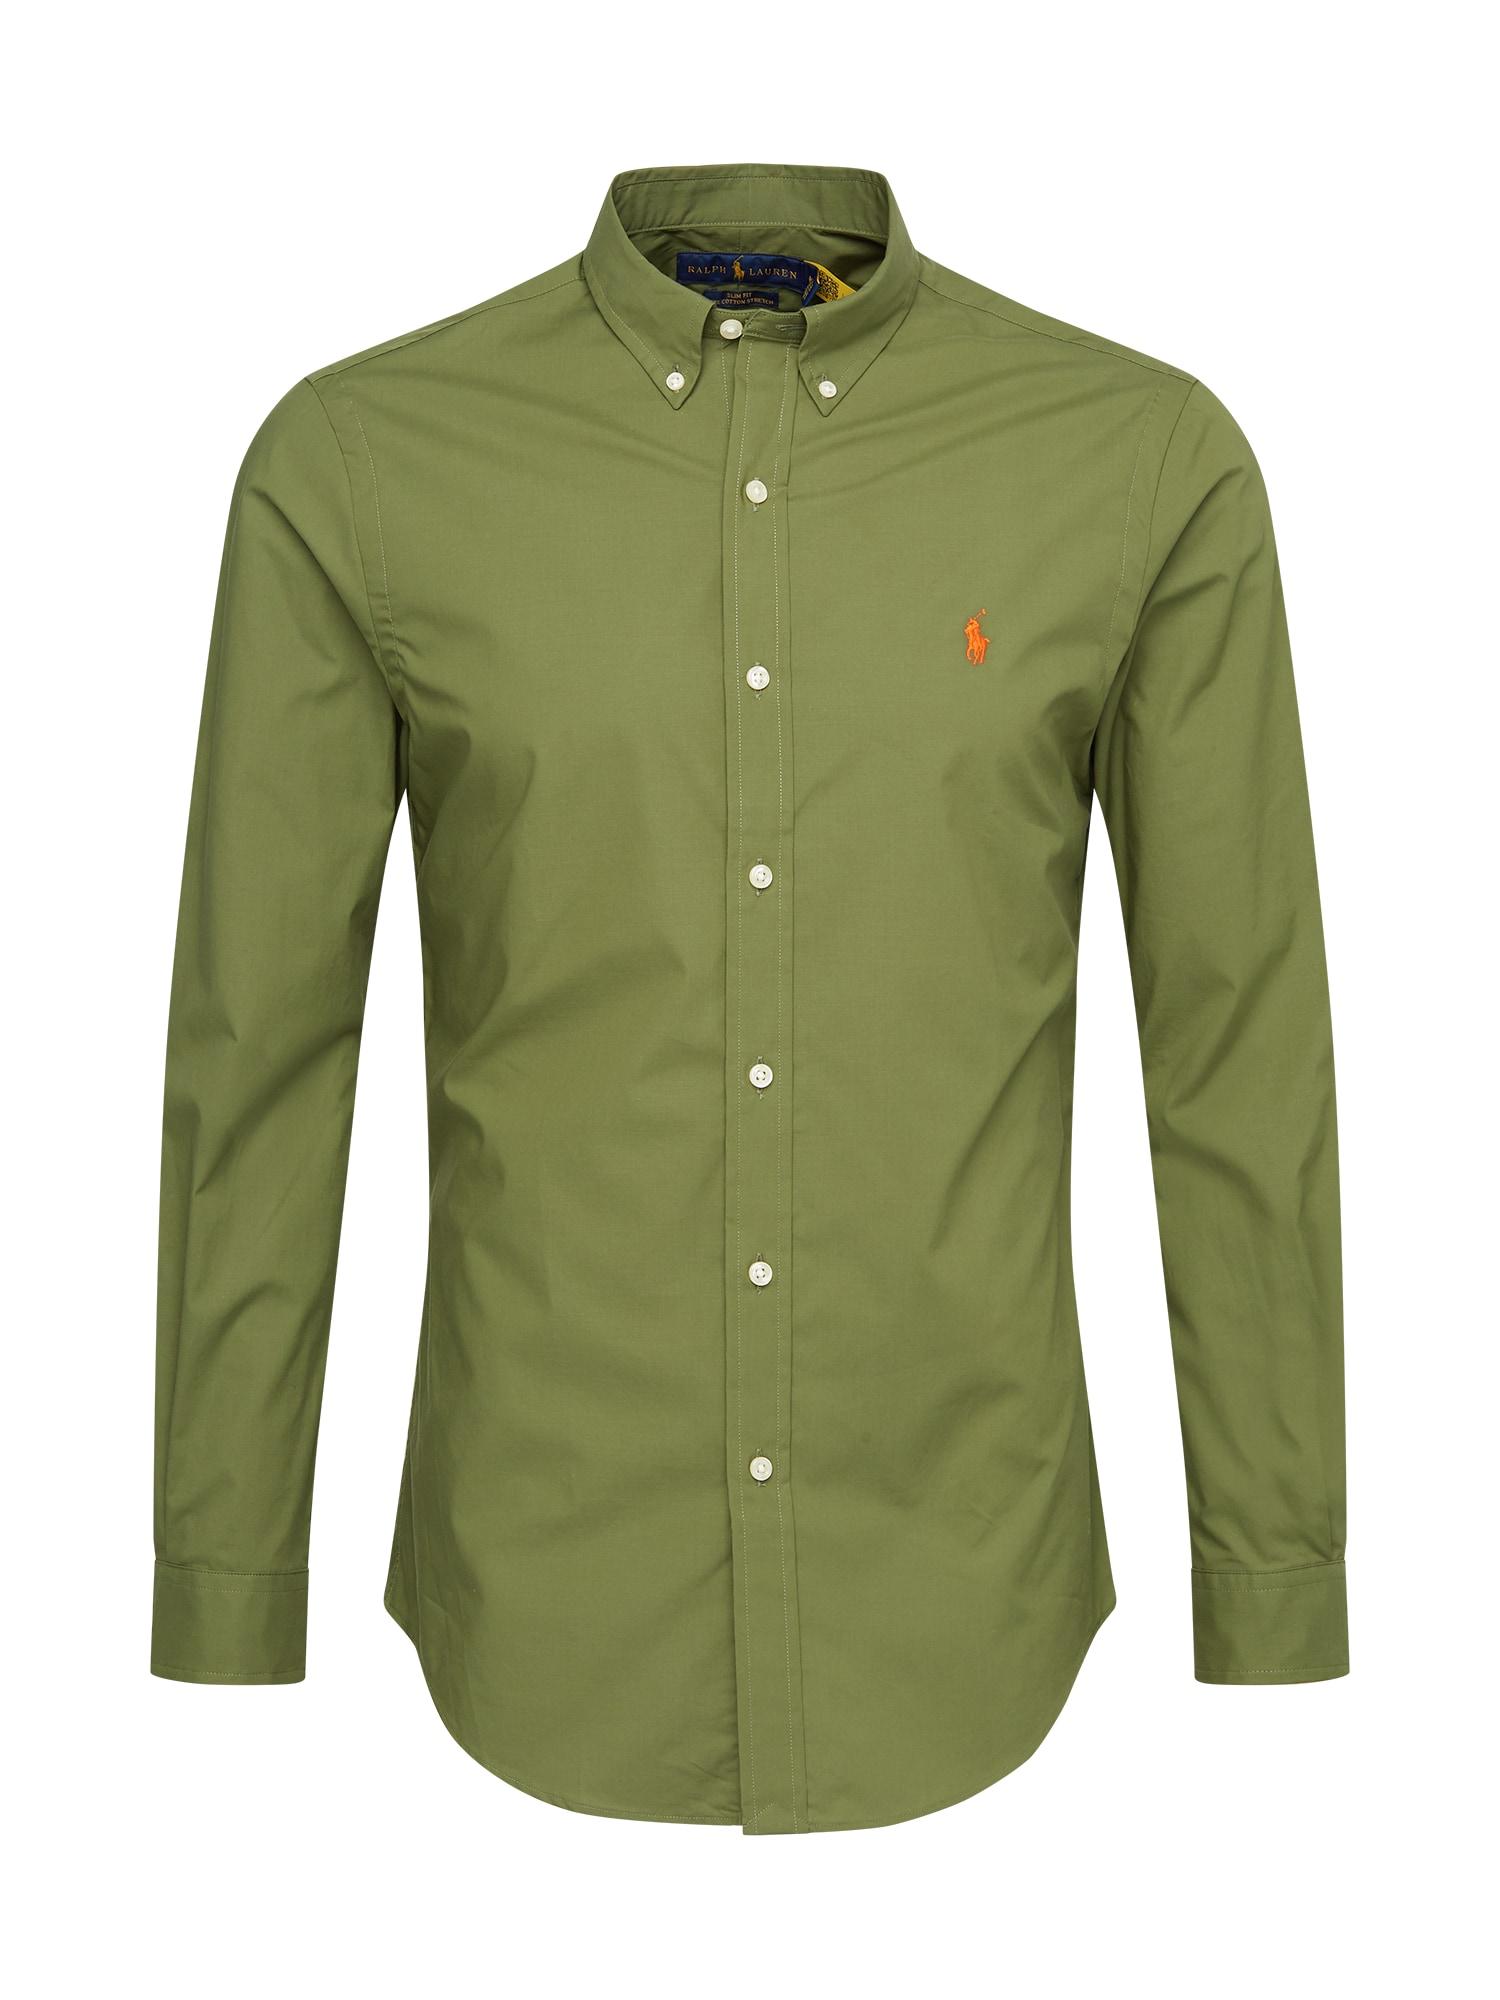 POLO RALPH LAUREN Dalykinio stiliaus marškiniai alyvuogių spalva